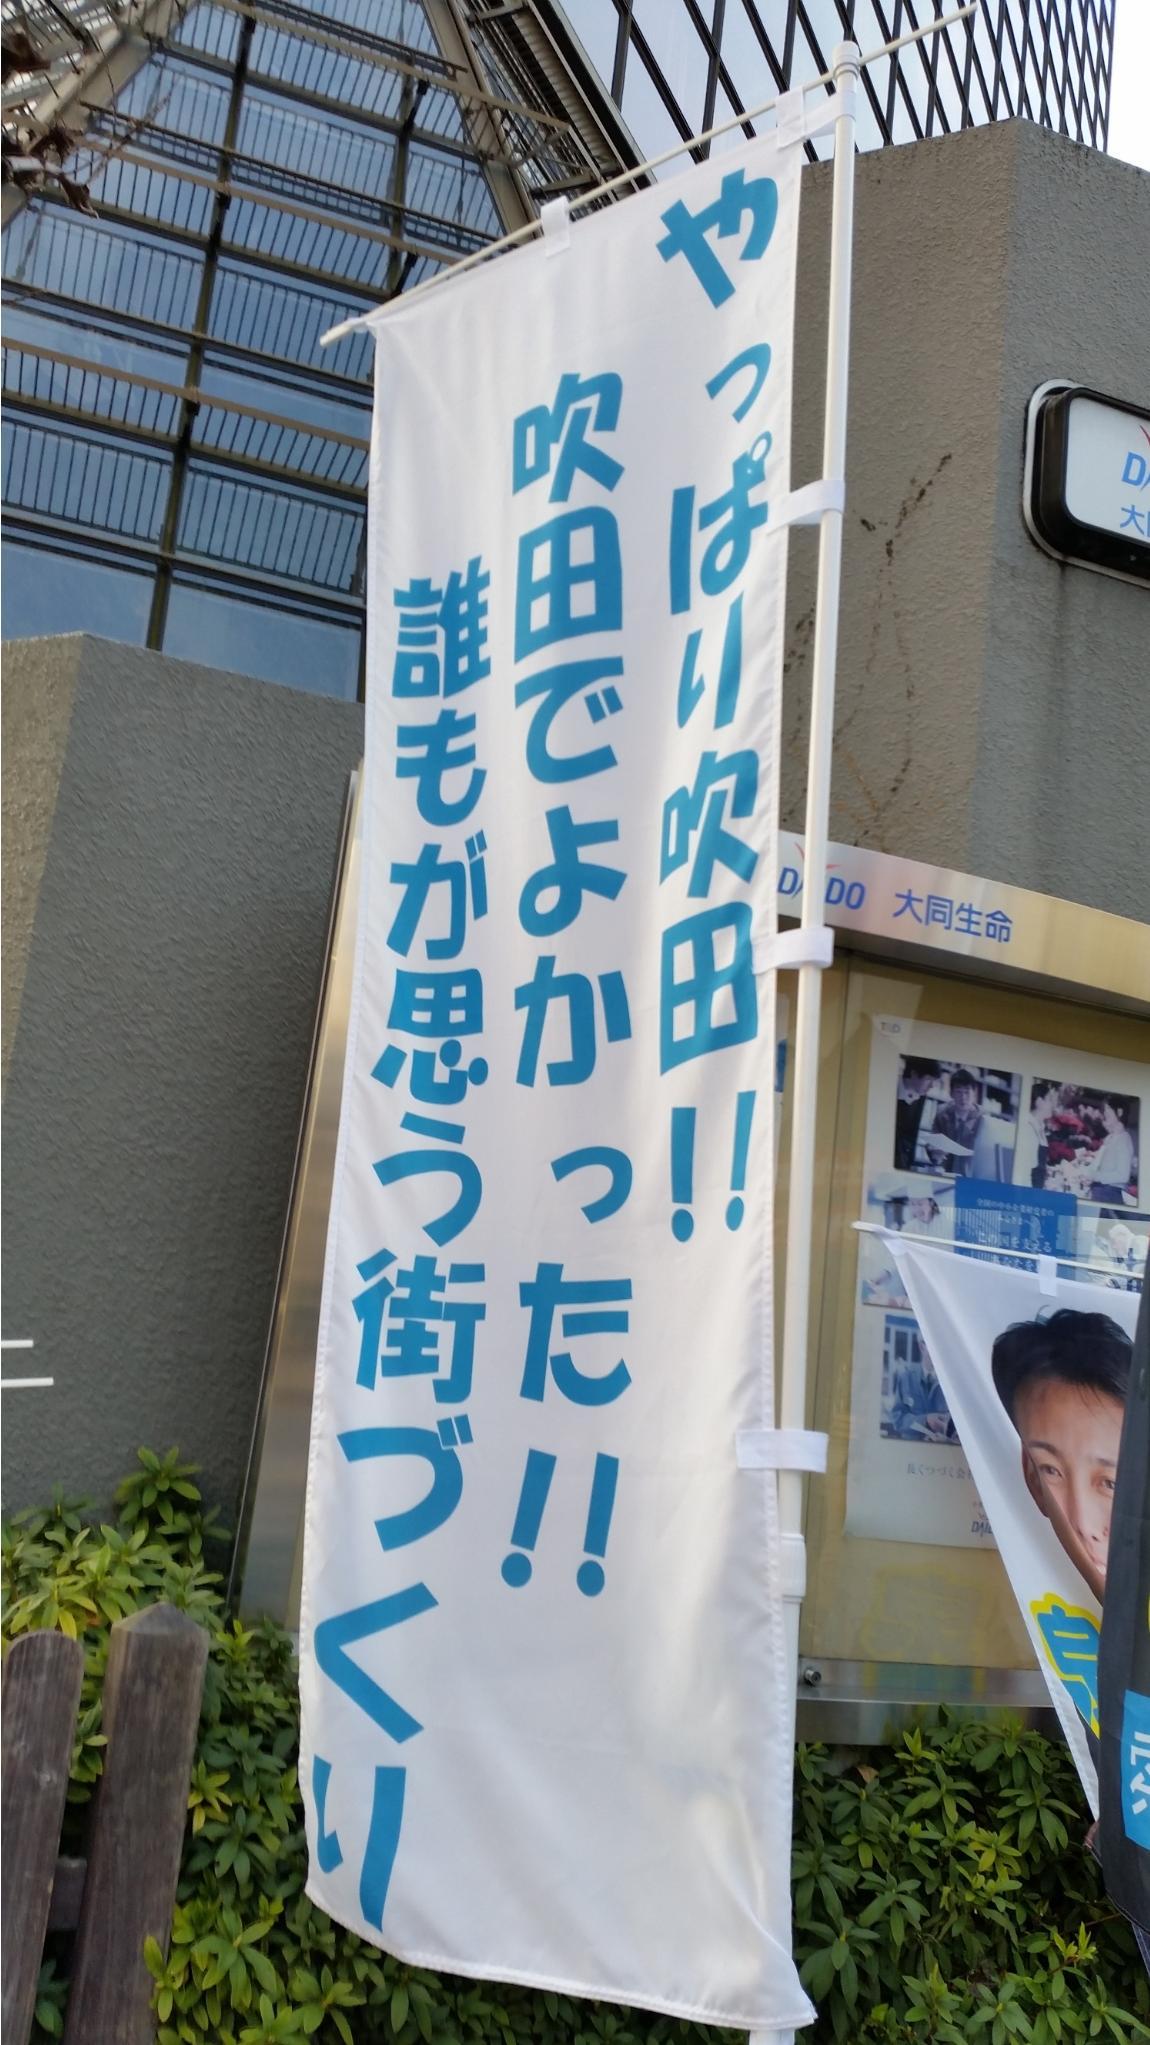 27.2.10活動報告